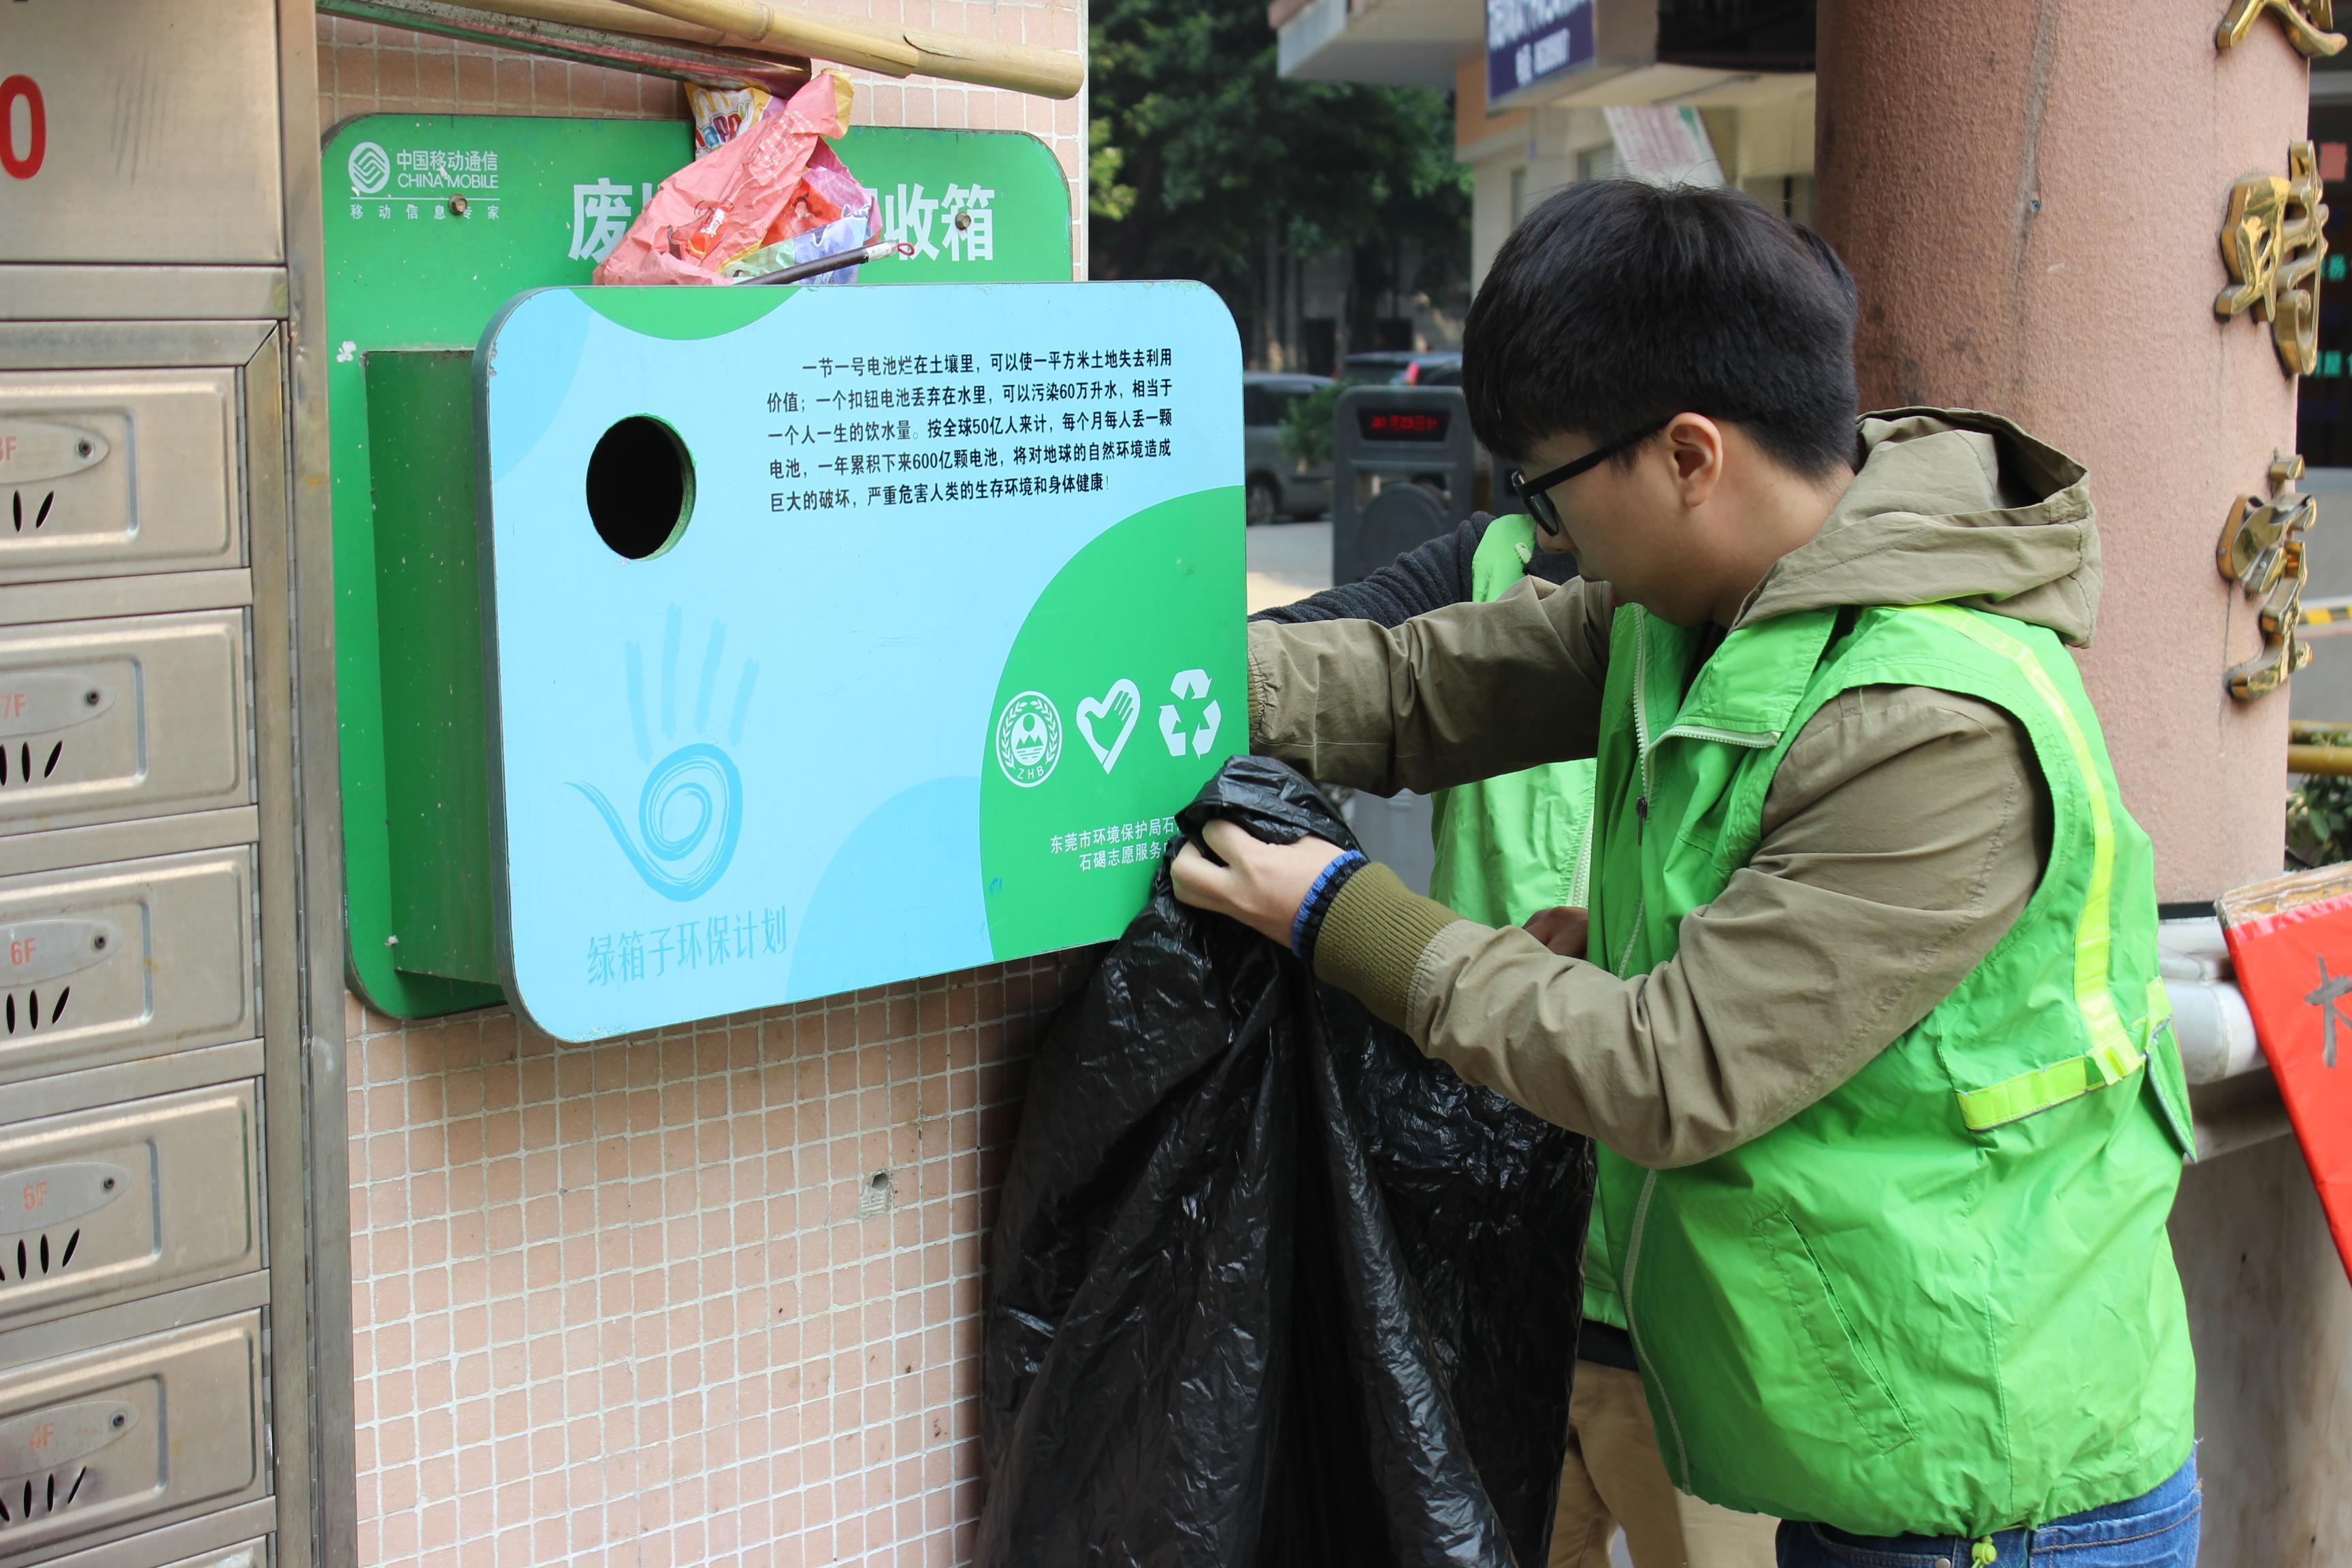 """石碣:打开绿色箱子 回收废旧电池——2015年""""绿箱子环保计划""""启动"""